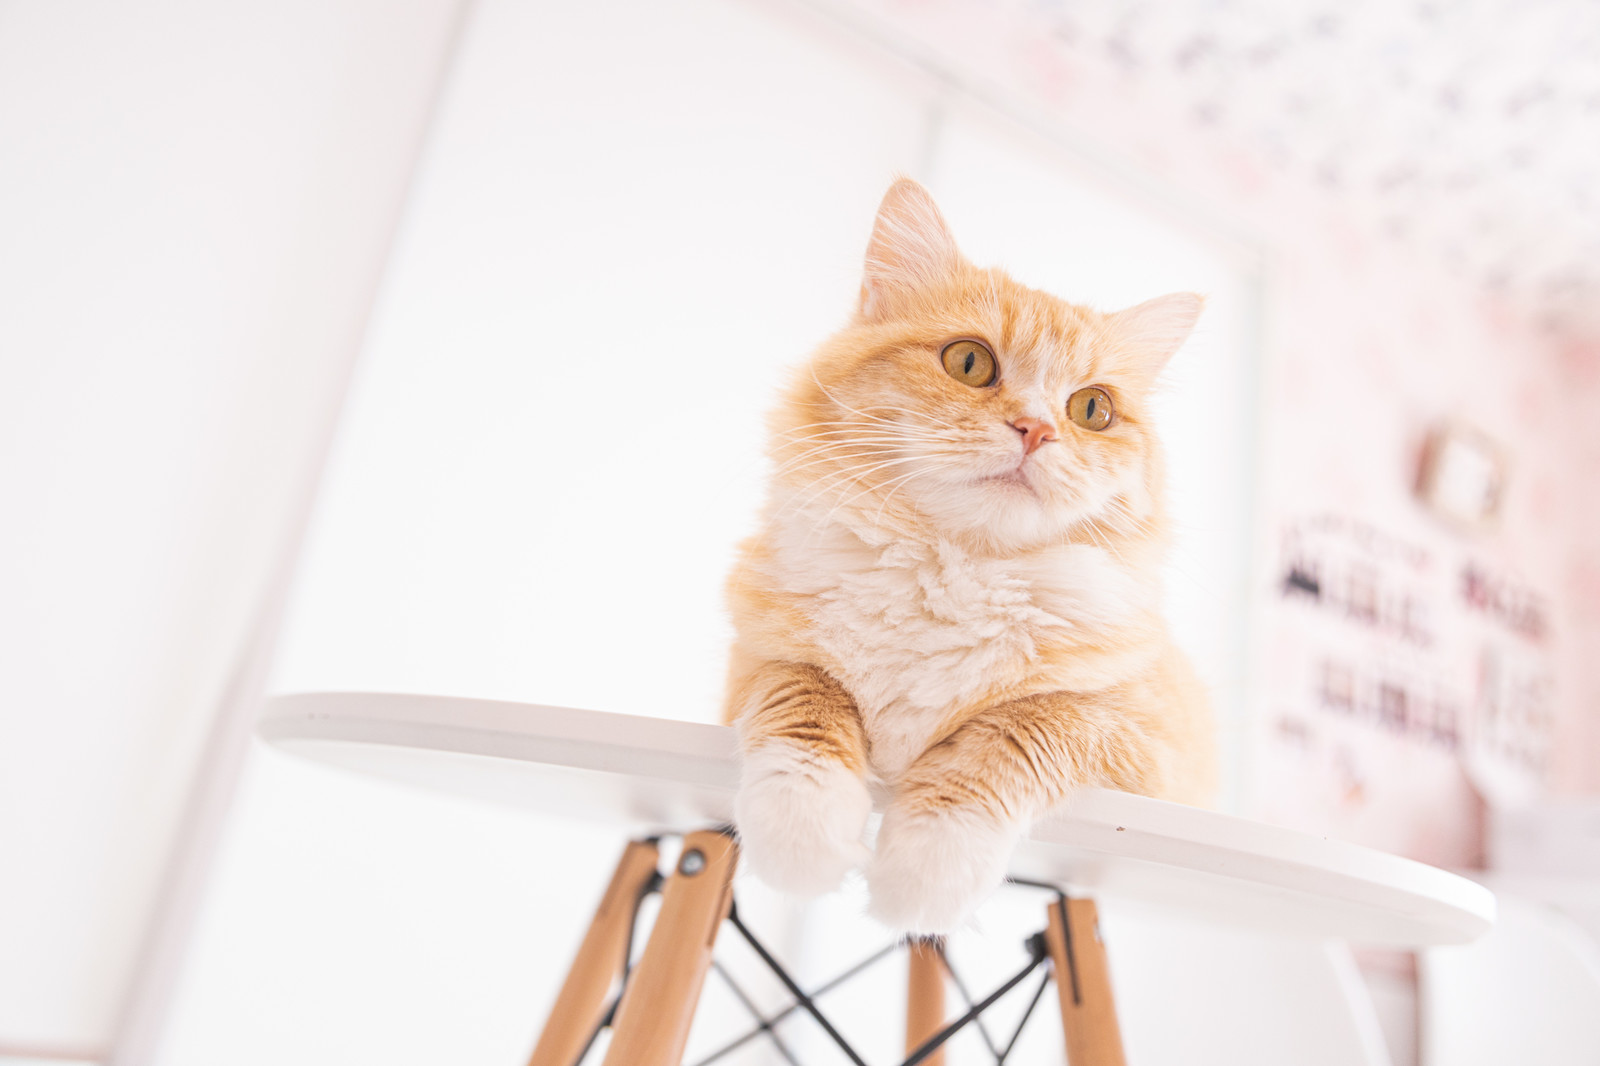 「キョトンと辺りを見回す猫」の写真